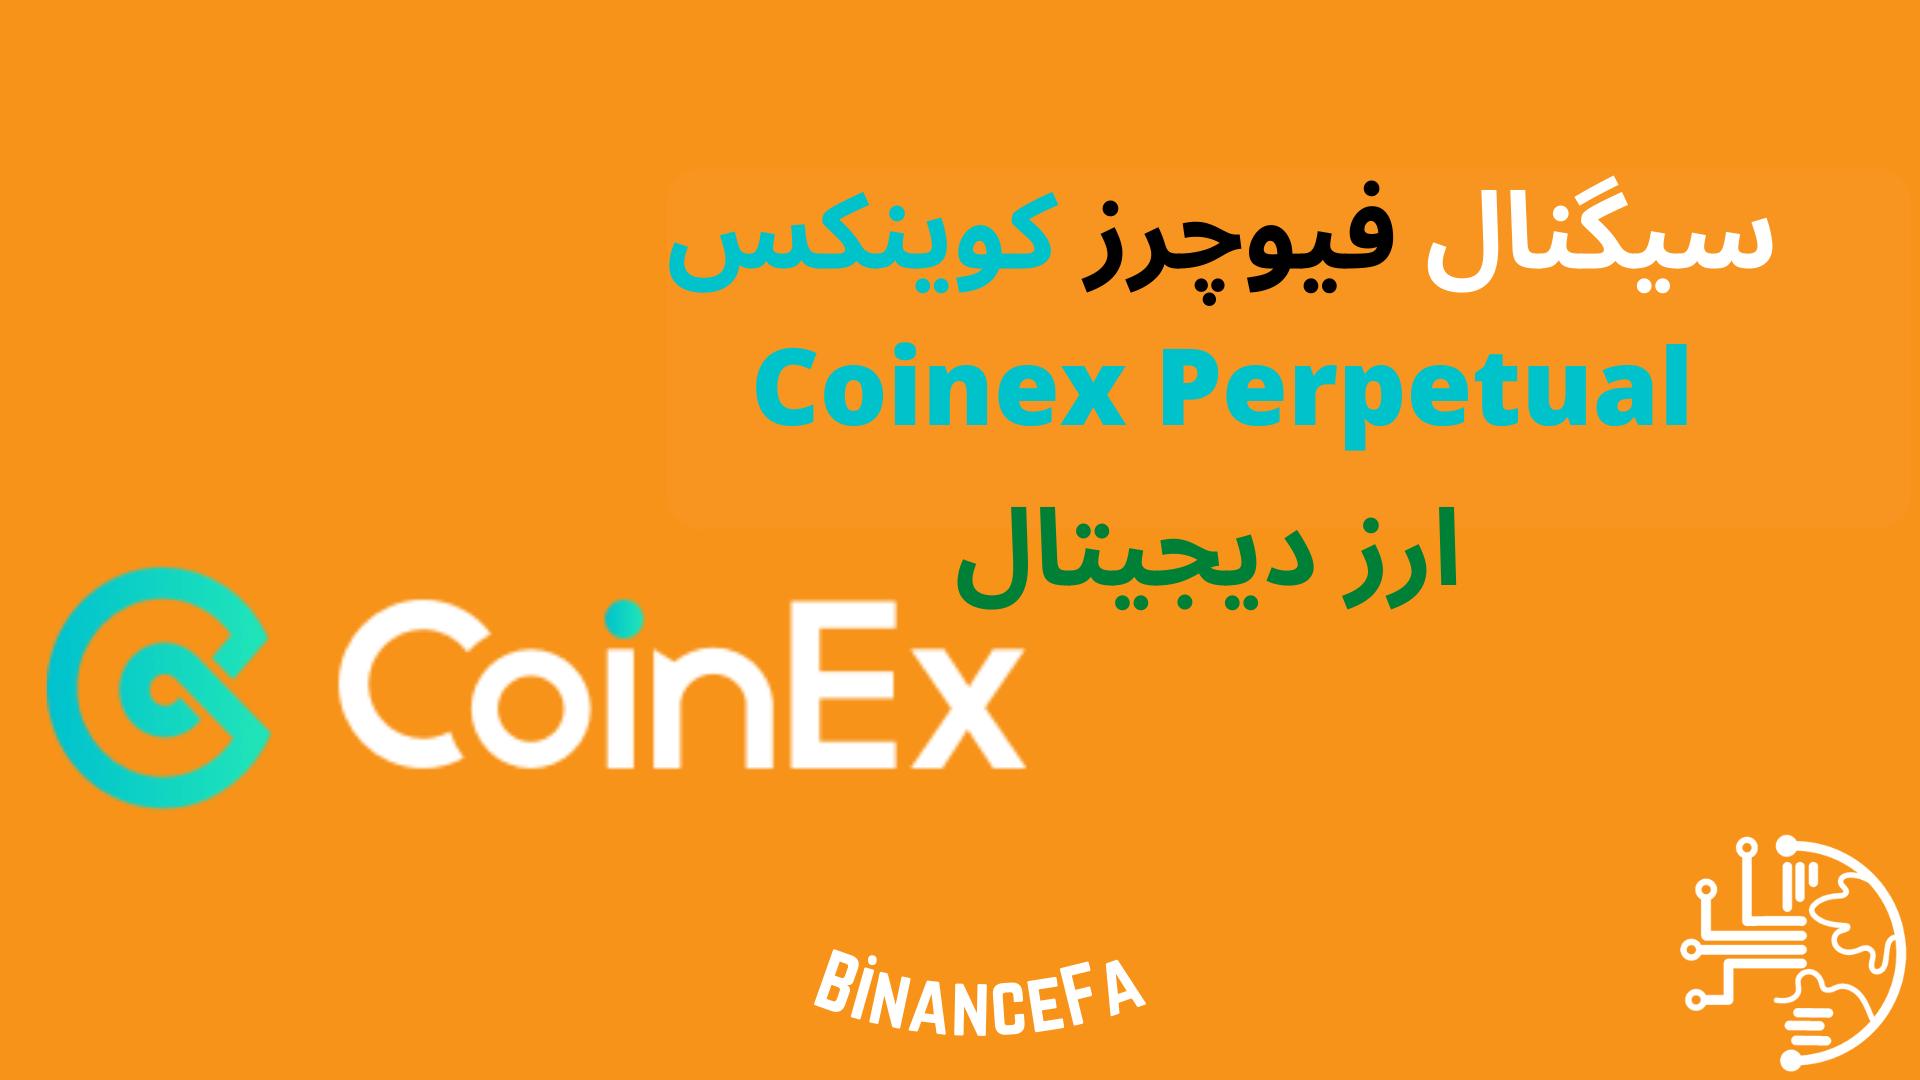 سیگنال فیوچرز کوینکس Coinex Perpetual